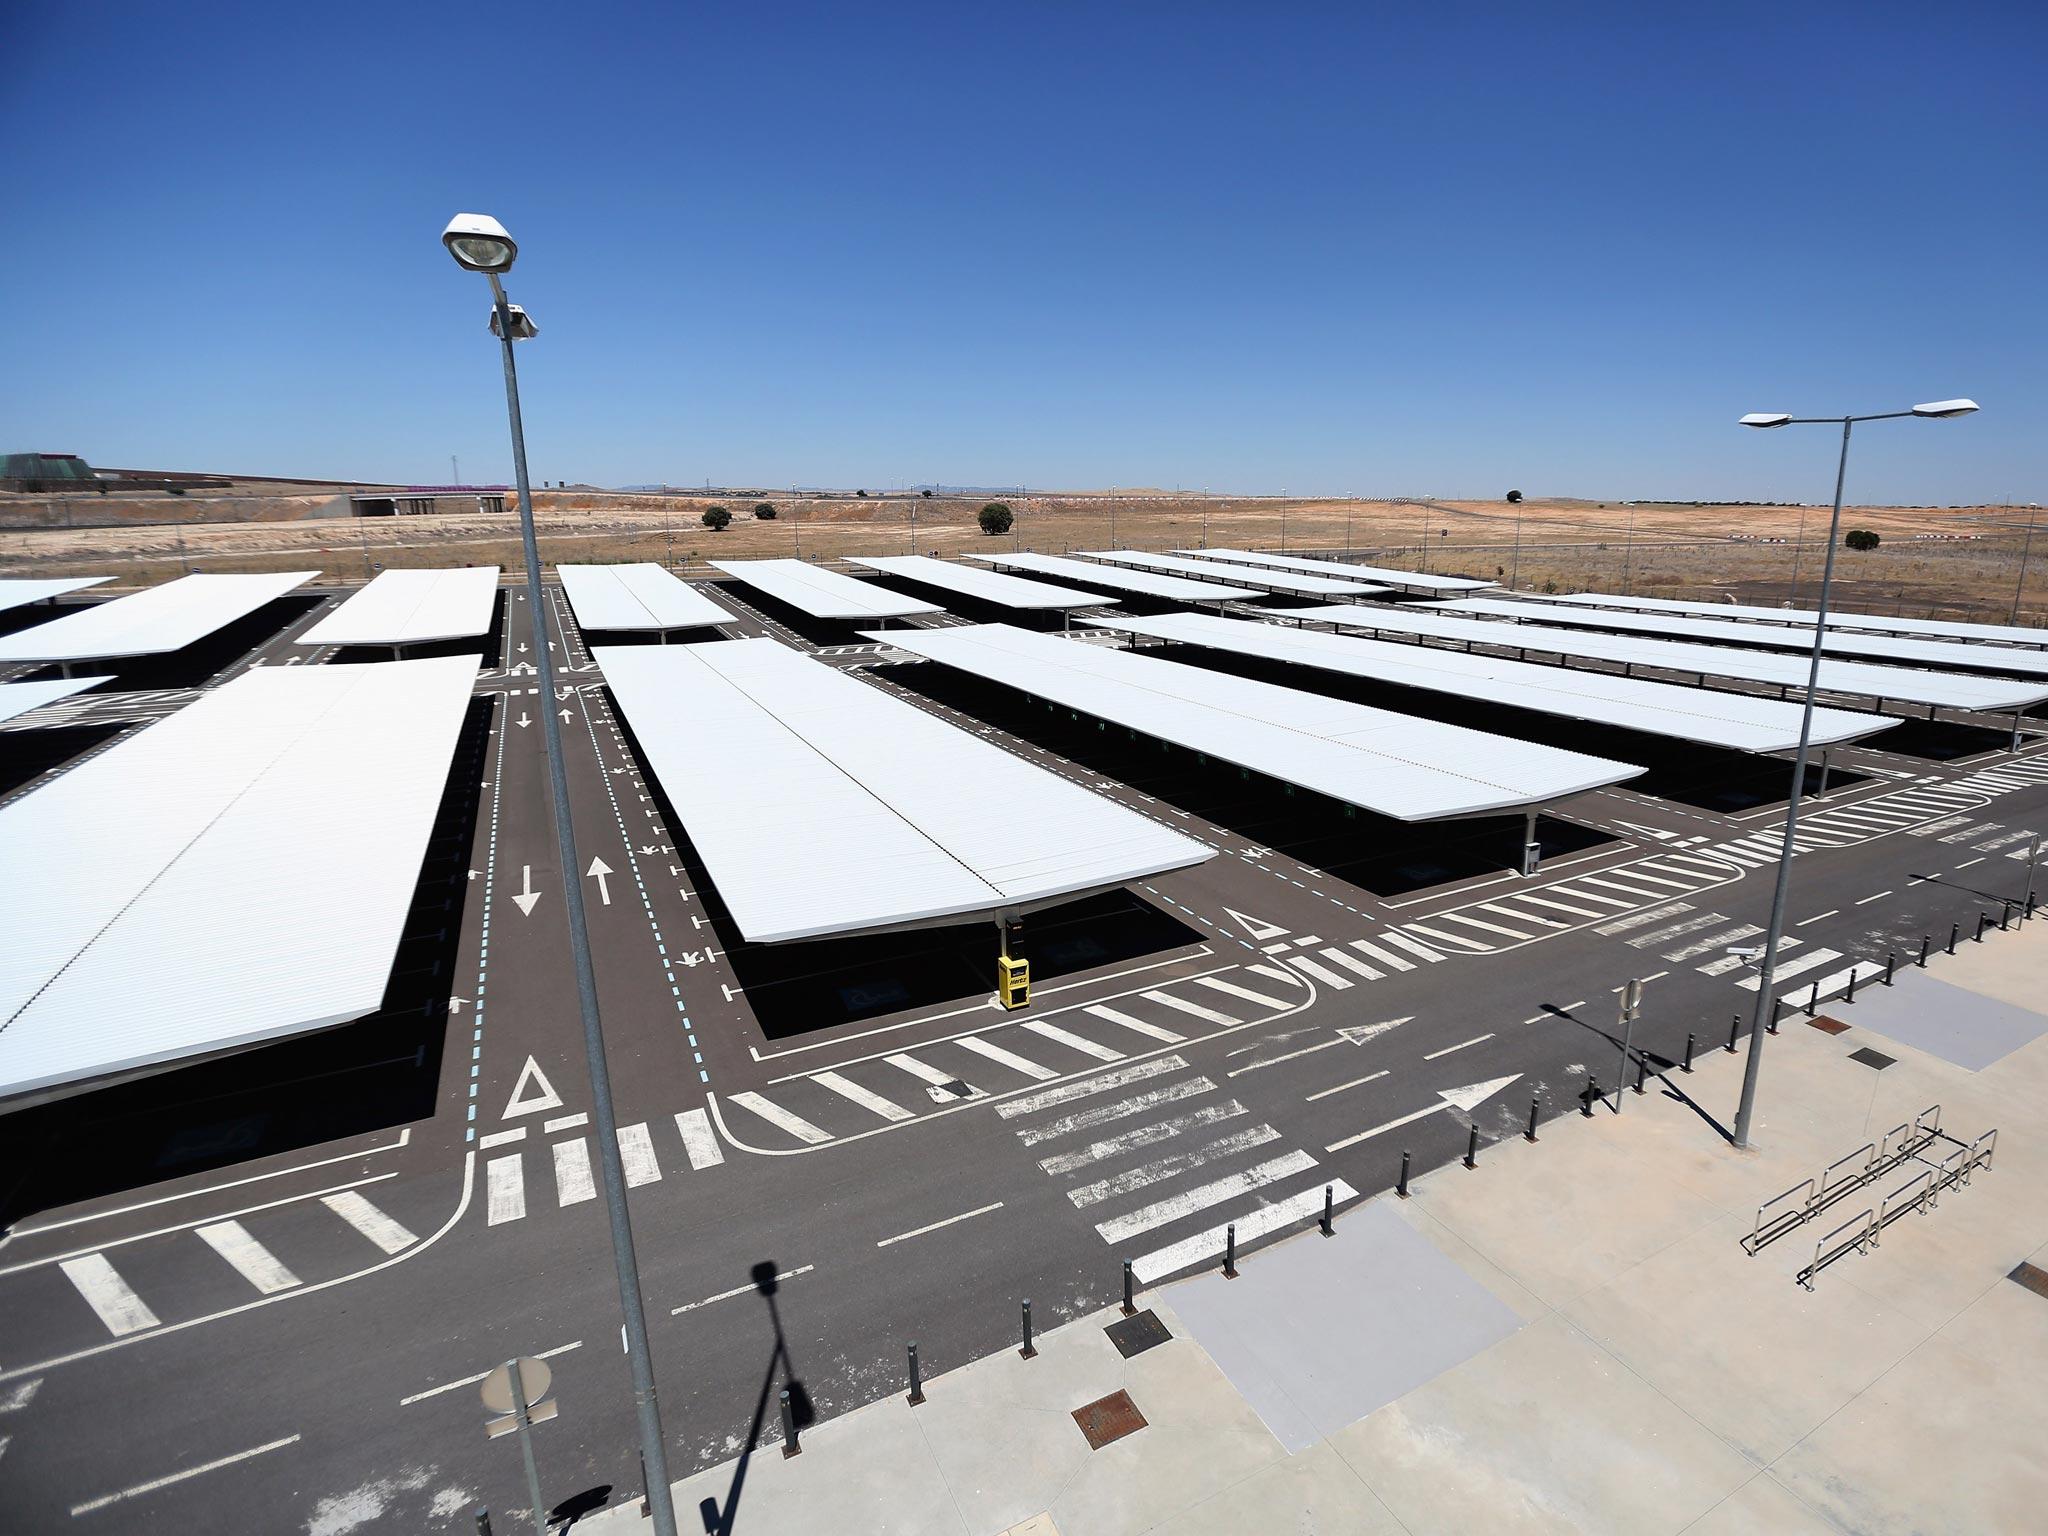 Espagne : 10.000 euros pour l'aéroport de Ciudad Real